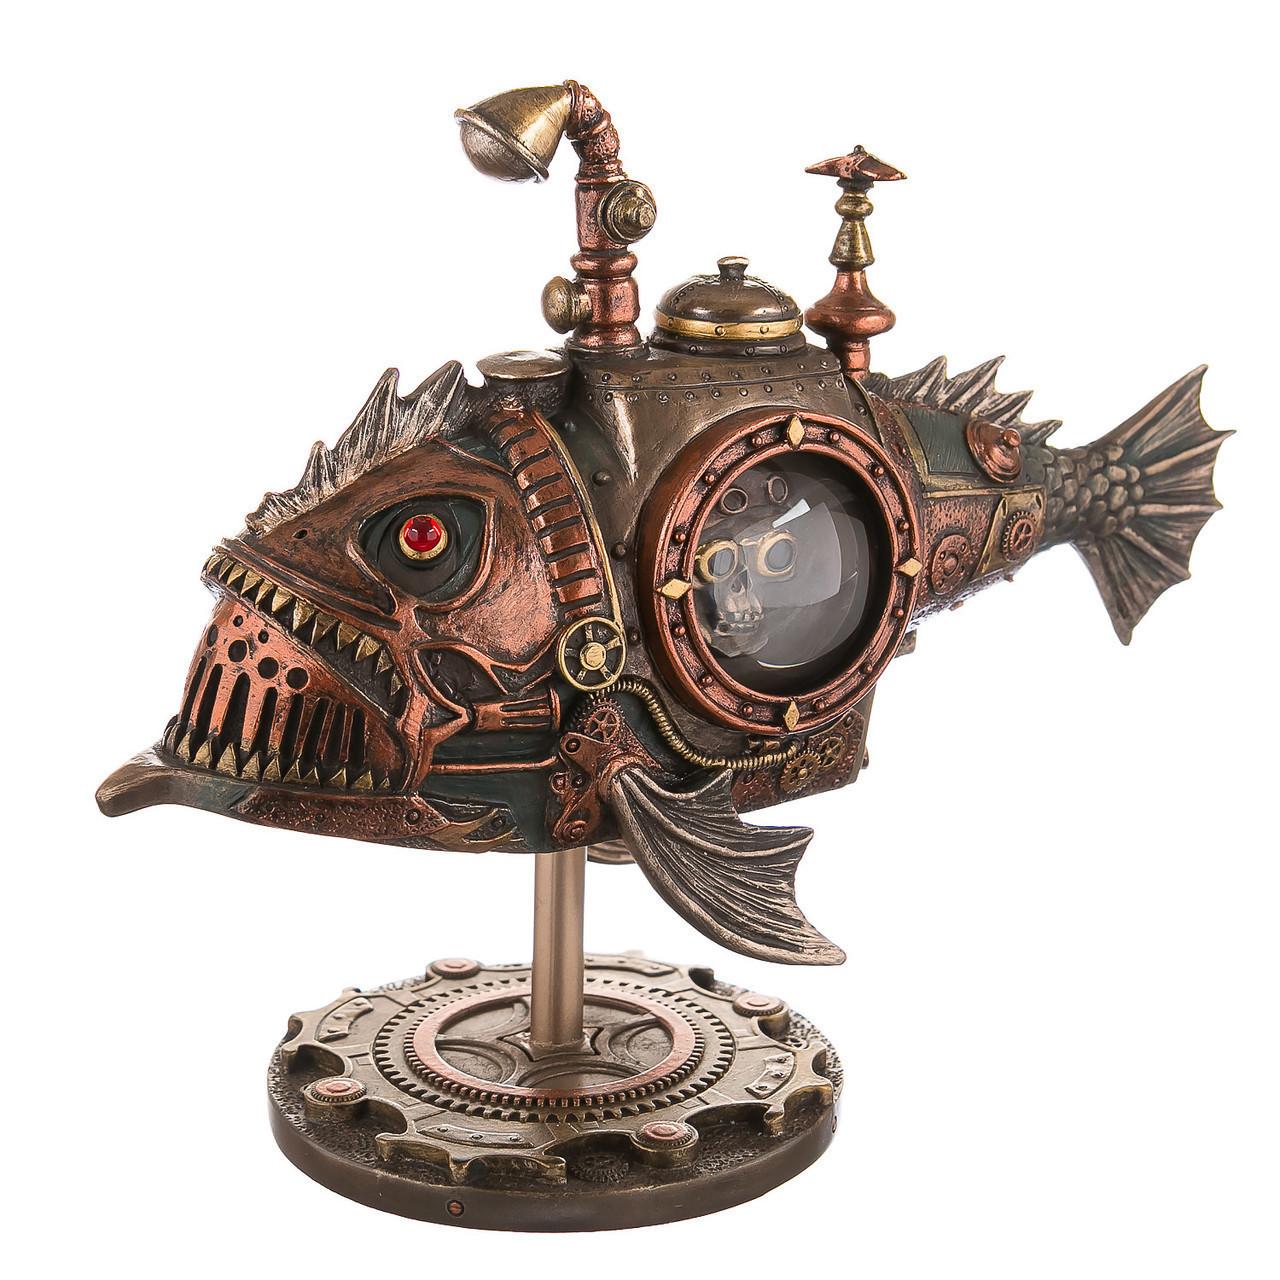 Статуэтка Механическая рыба 18 см Veronese Италия